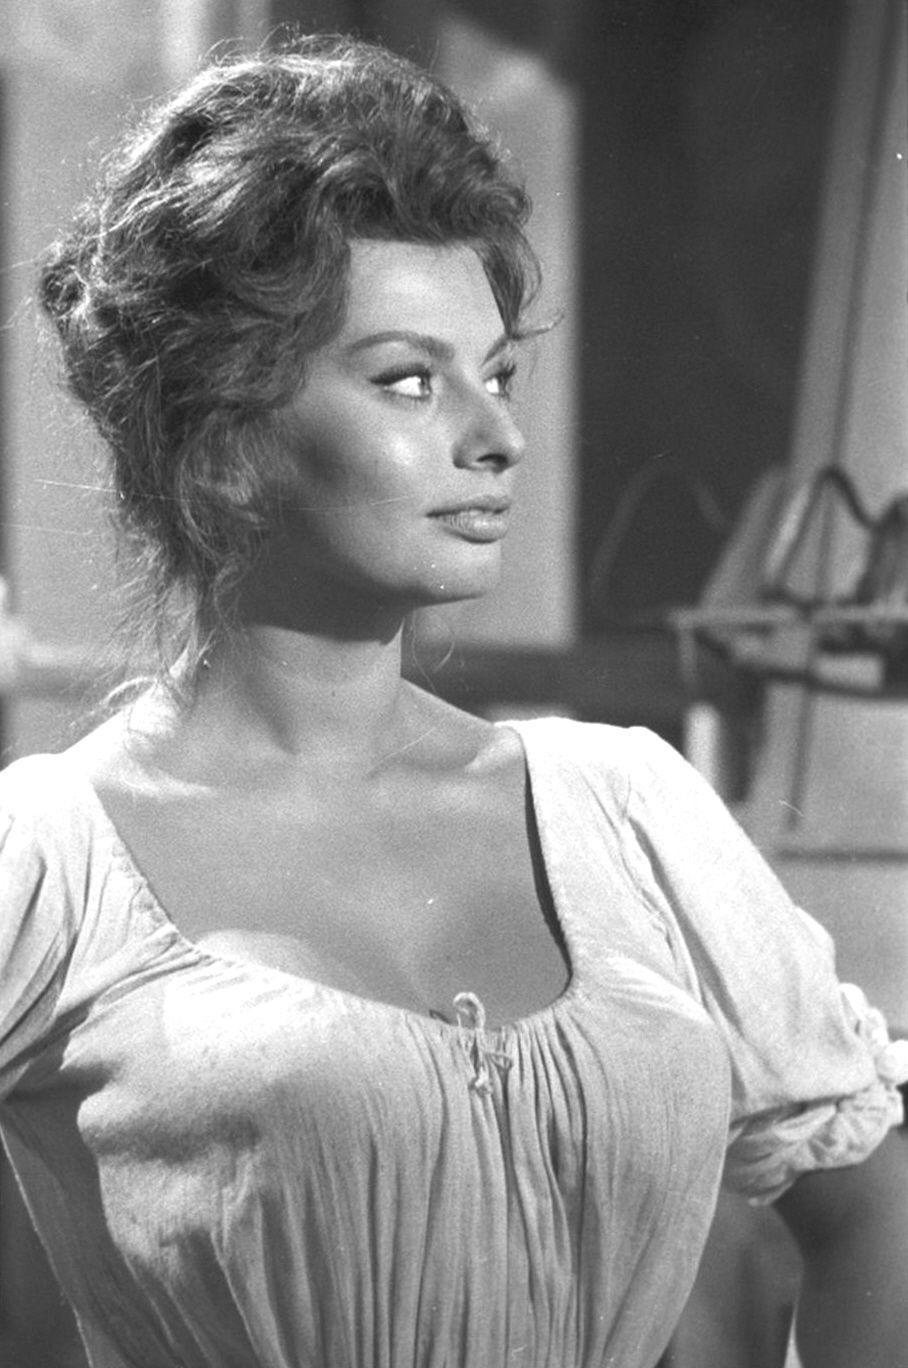 Sophia Loren so beautiful 8 | Sophia Loren A Classic ...